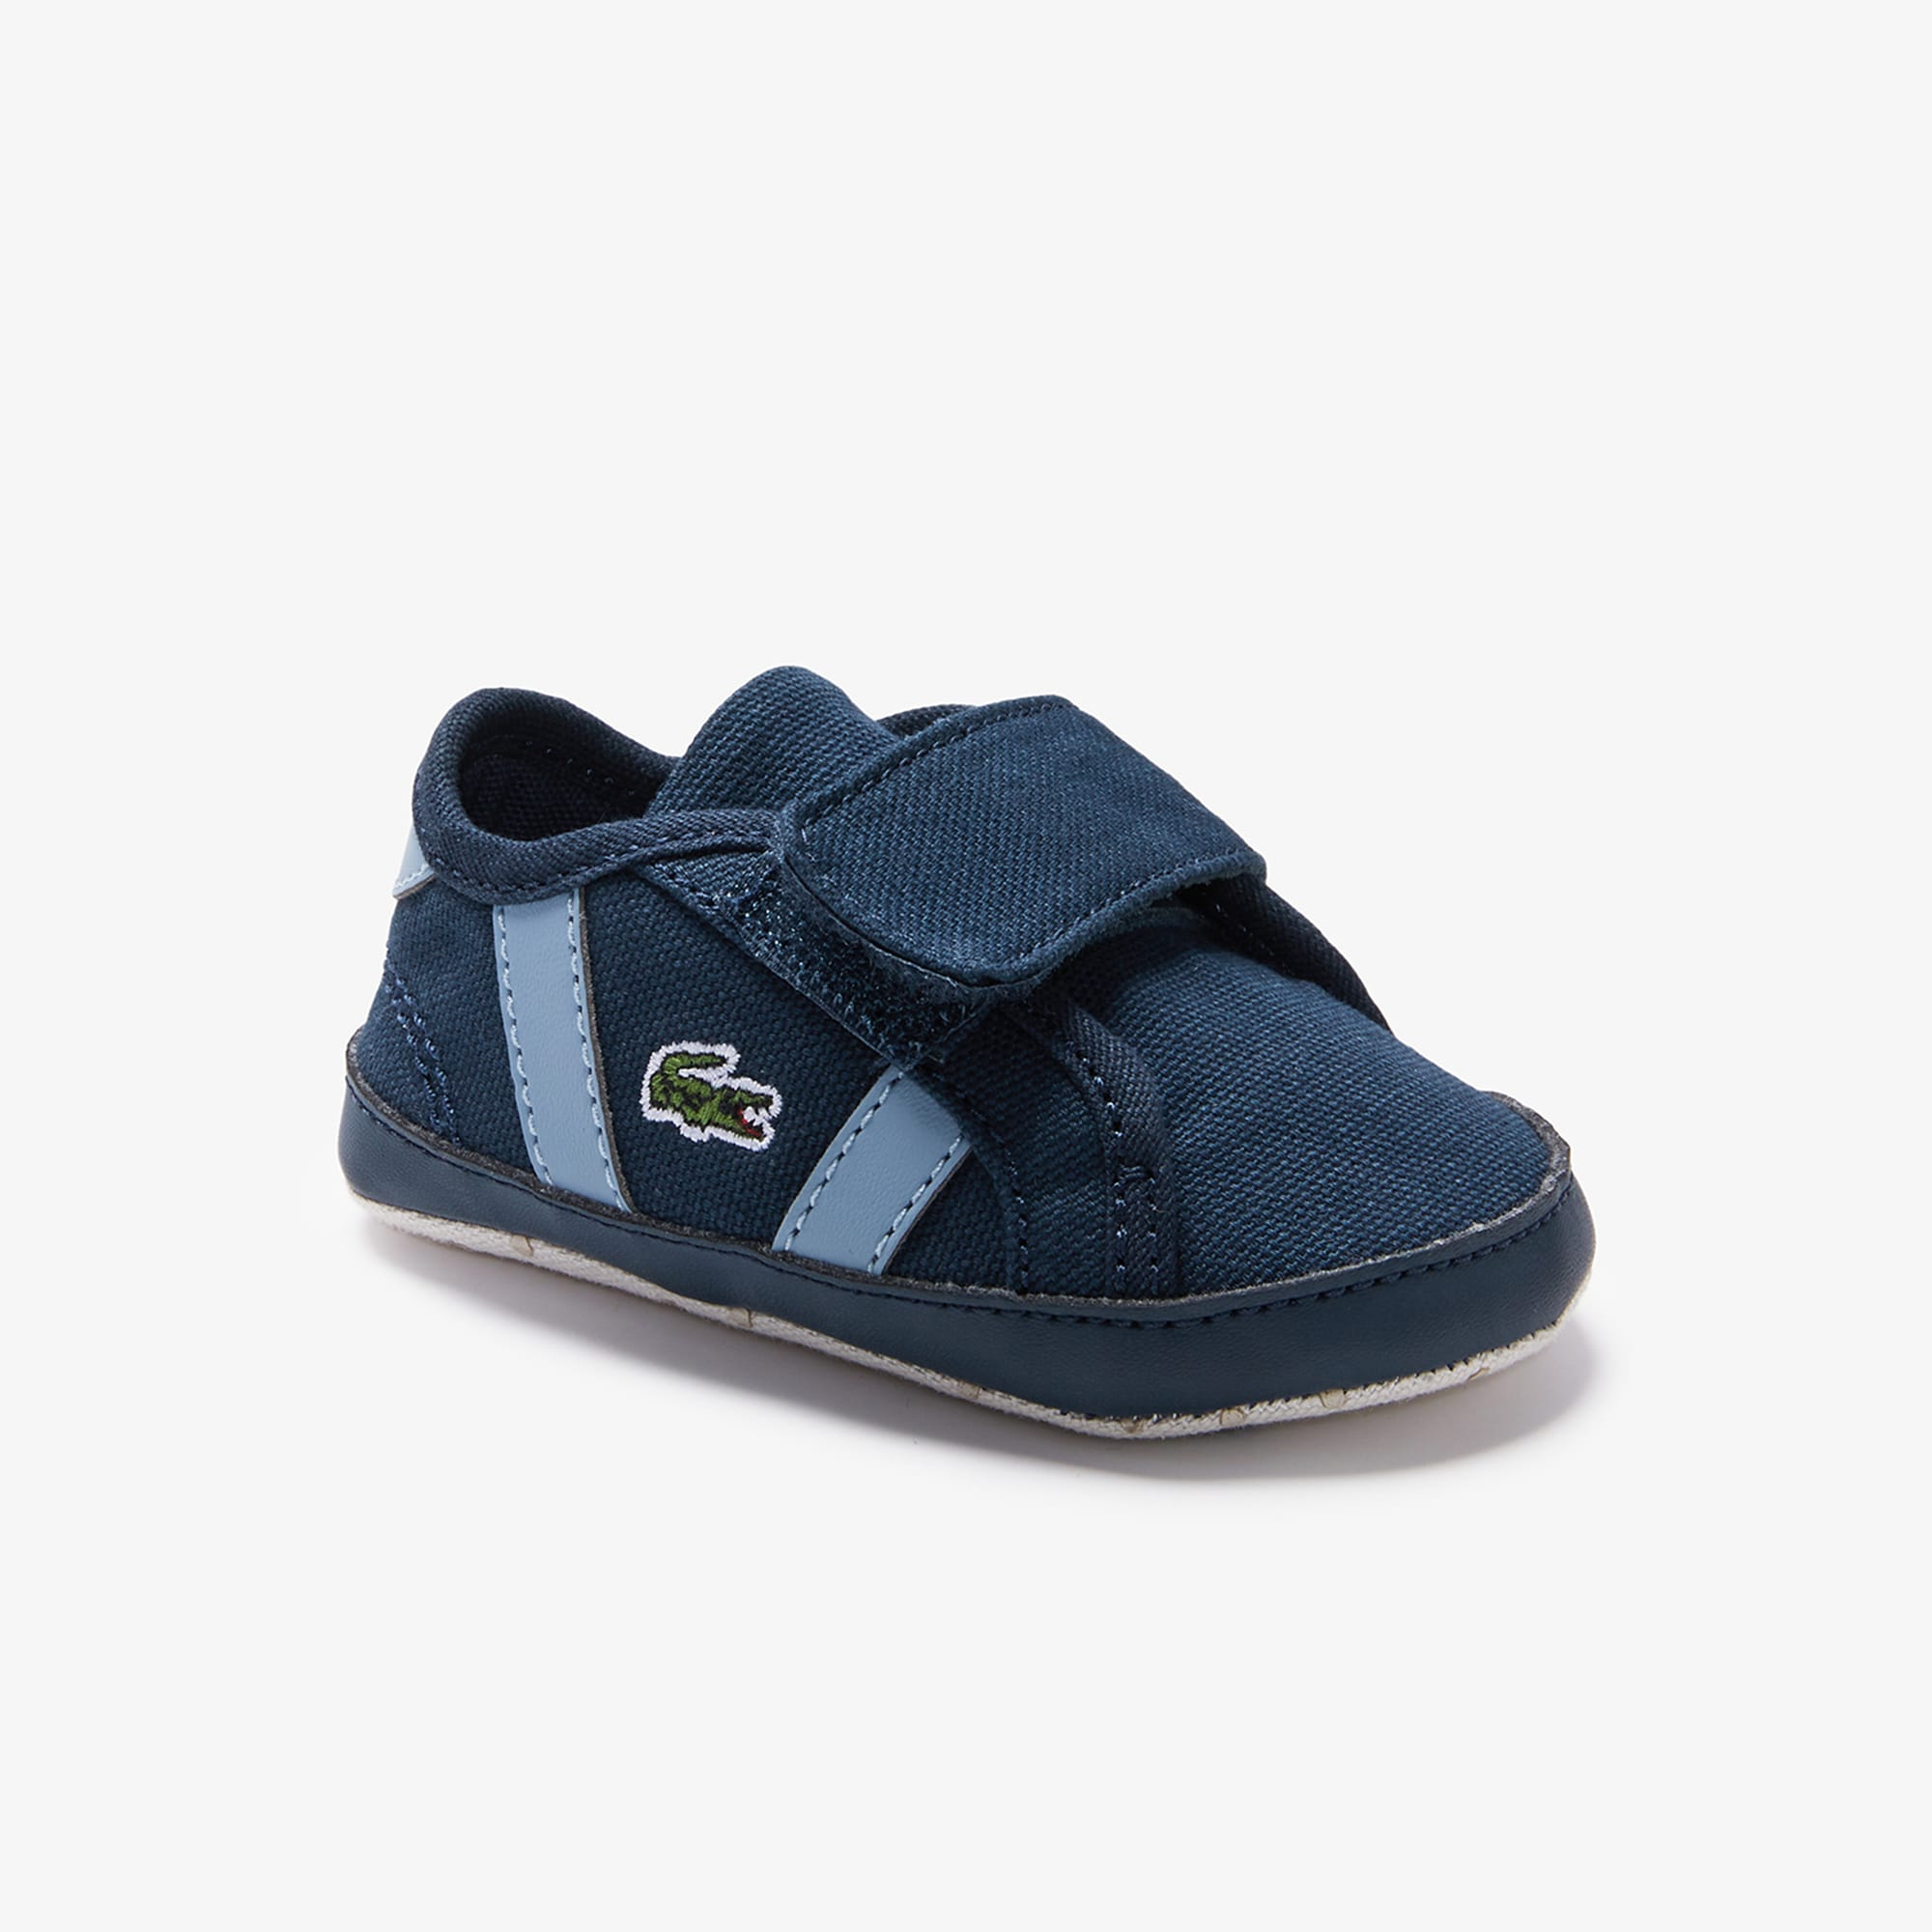 Lacoste Sneakers Sideline bébé en toile Taille 19 Marine/bleu Clair